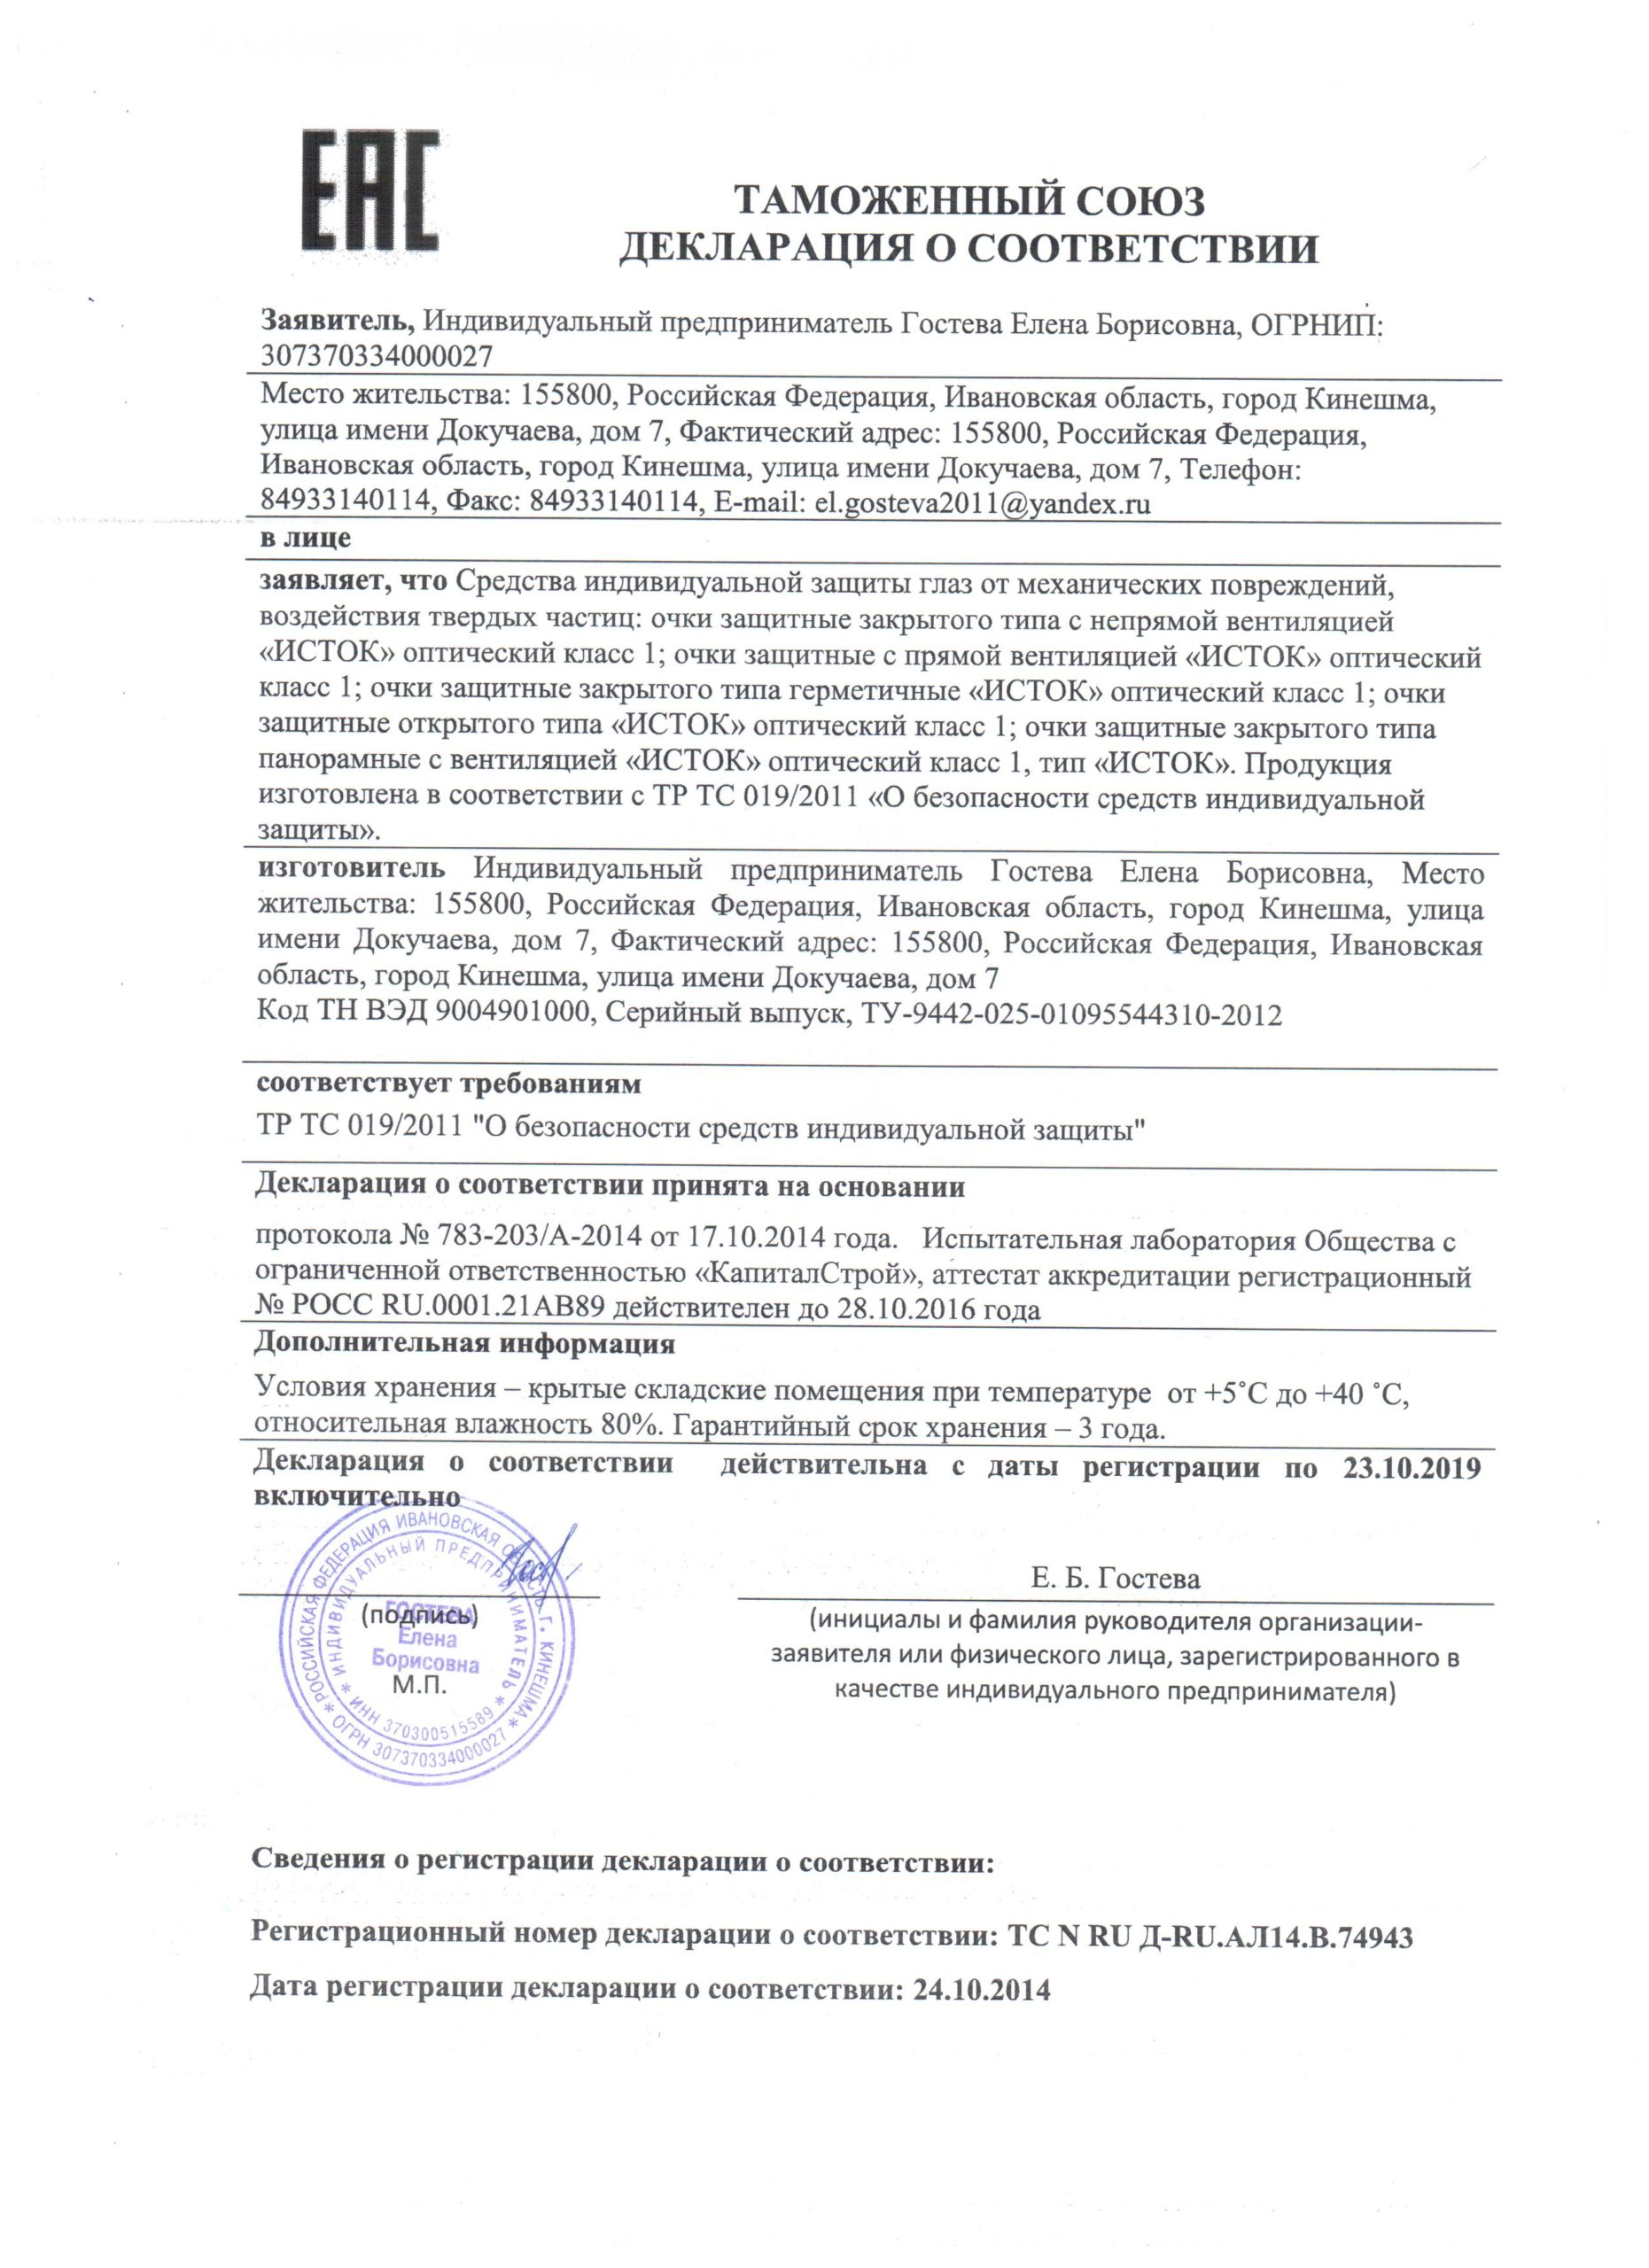 Декларация на очки от 17.10.2014г 001